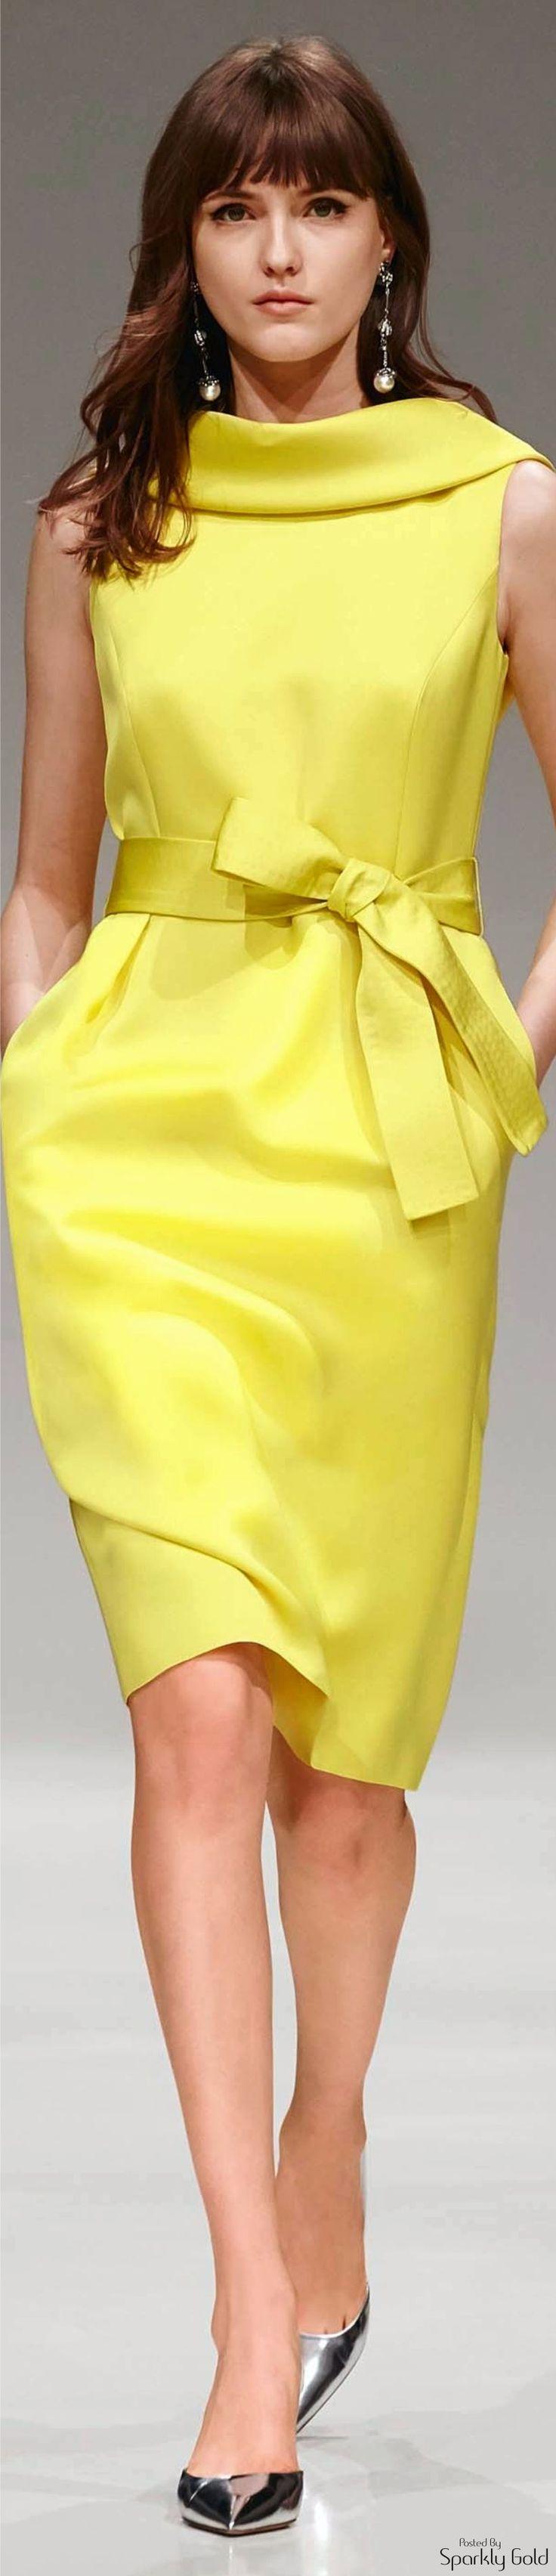 Amarelo: da uma sensação de conforto, iluminação e é bastante conveniente para a saúde mental e física pois é um estimulante mental